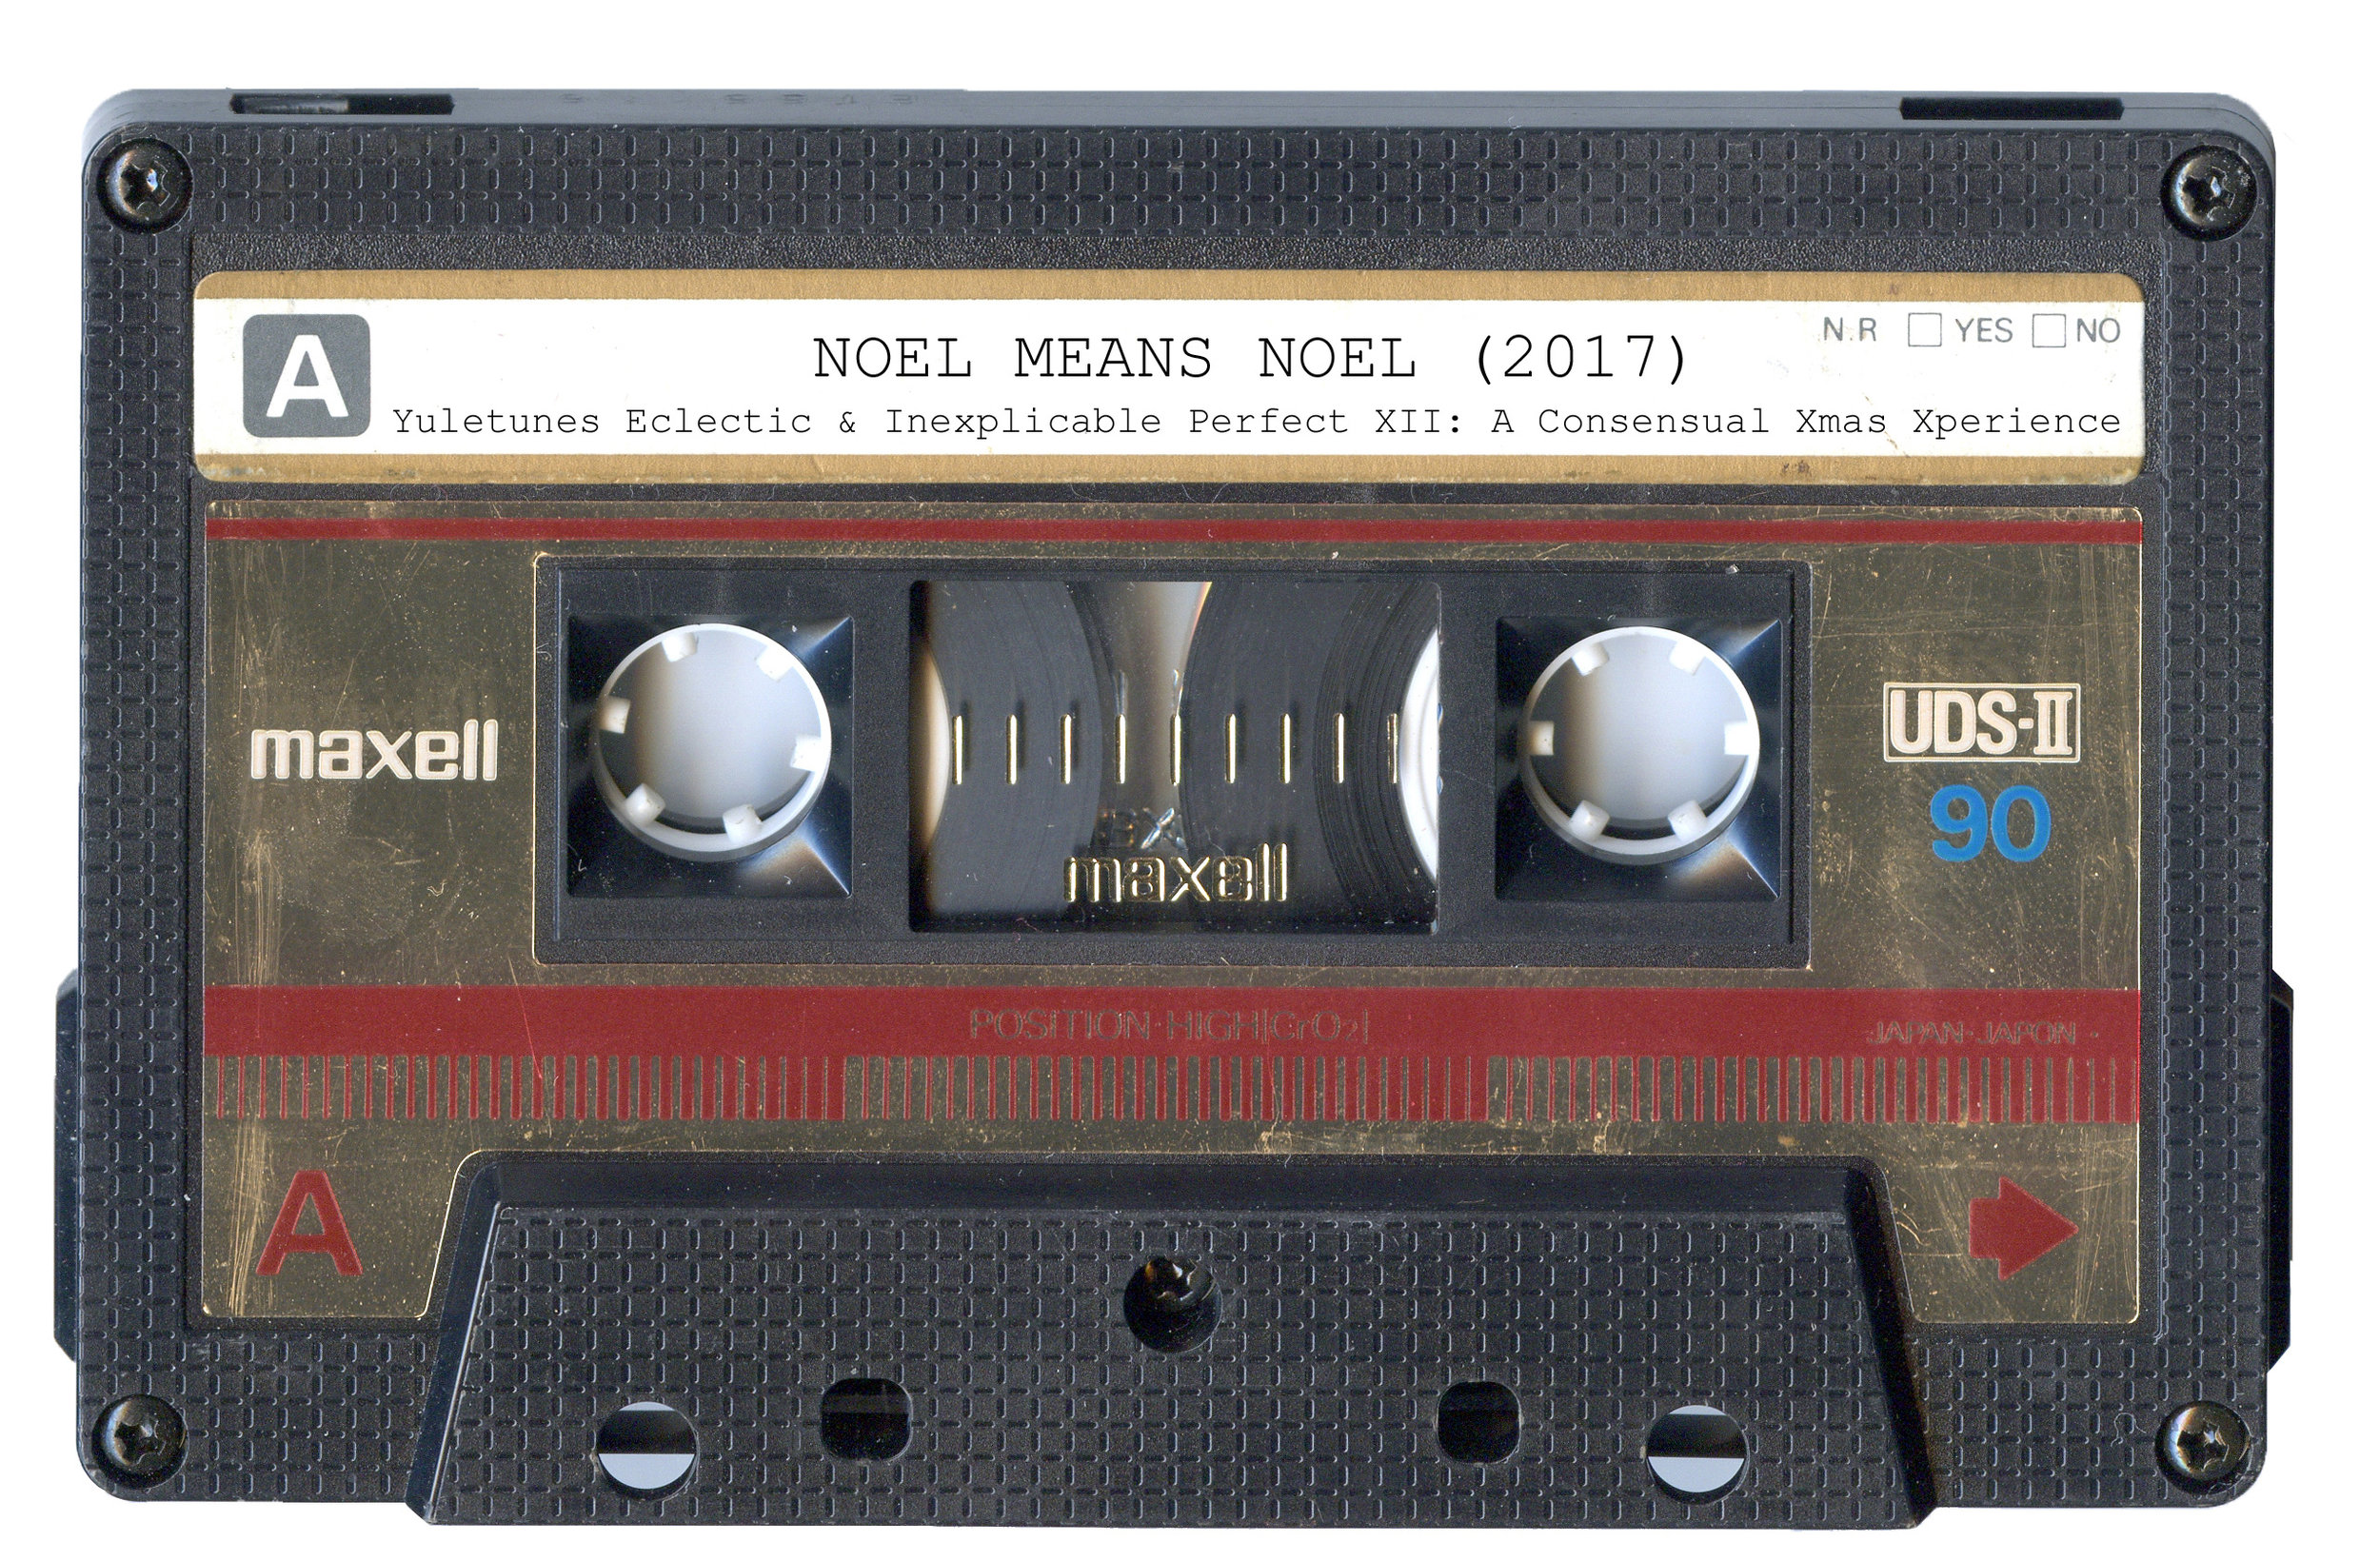 NOEL-MEANS-NOEL-90-min-cassette.jpg